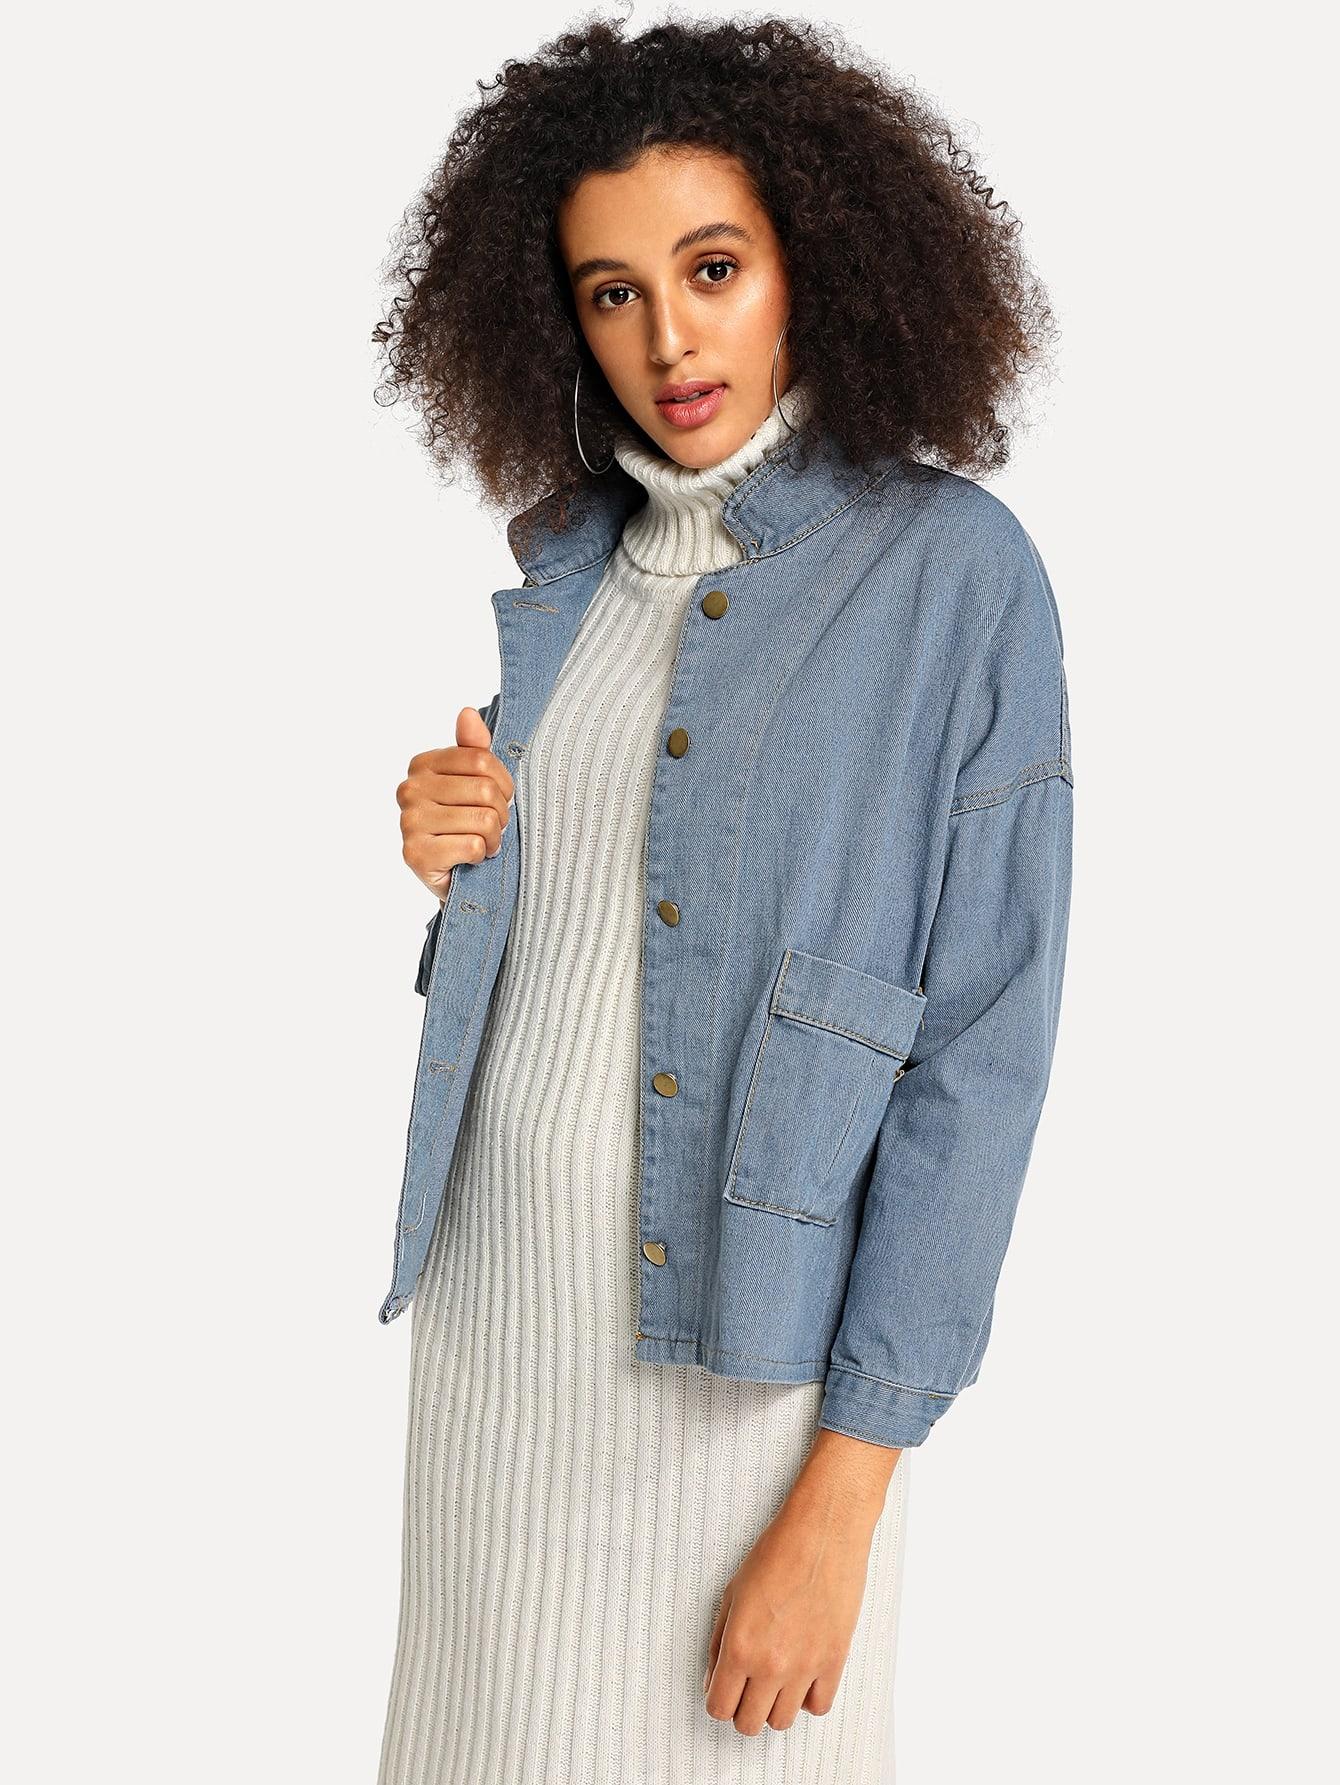 Купить Джинсовая куртка на пуговицах с карманом, Elaine, SheIn